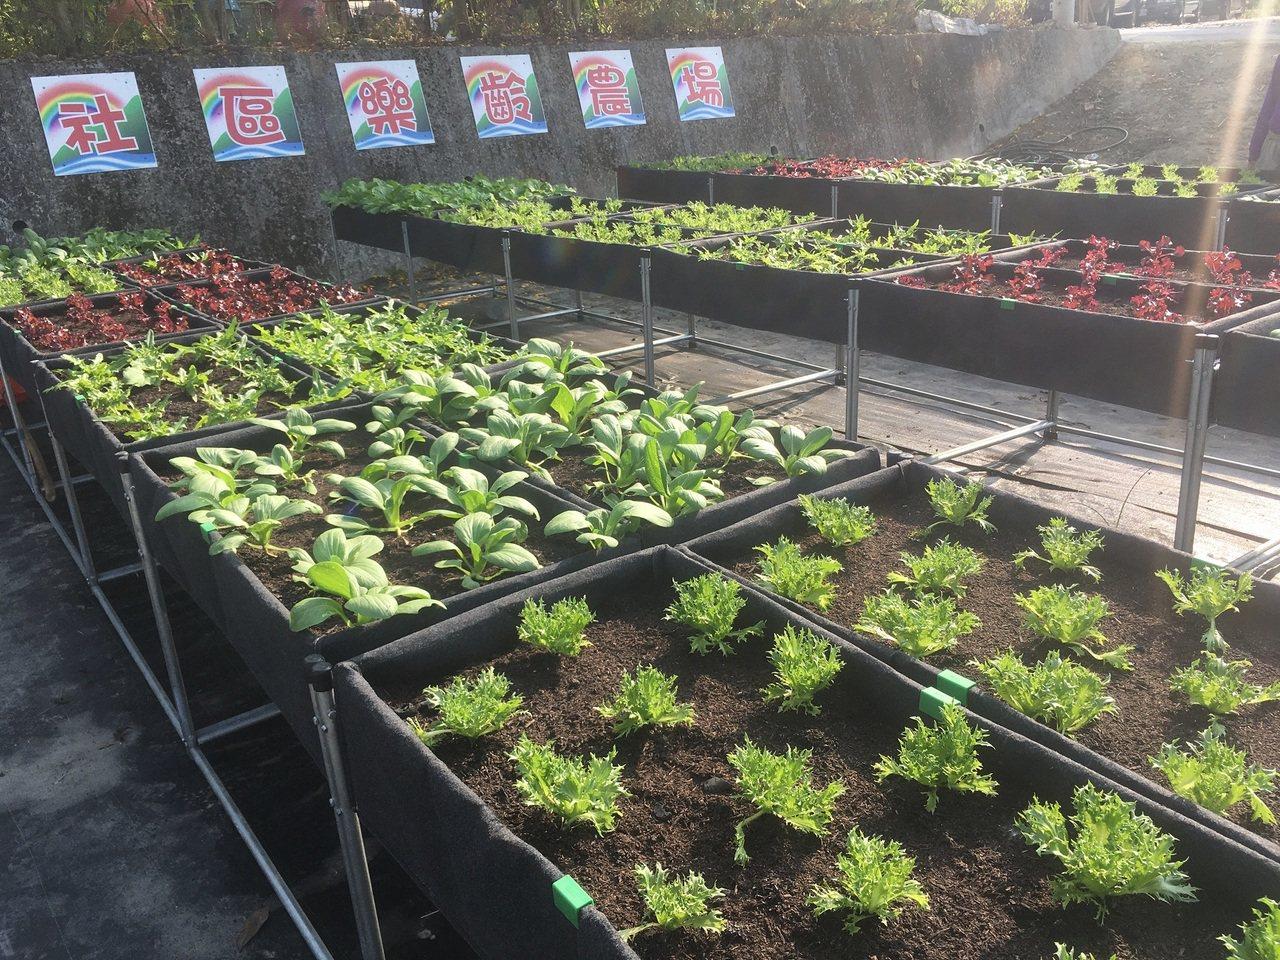 南投縣環保局推動低碳永續家園,鼓勵村里打造社區農園。圖/南投縣環保局提供